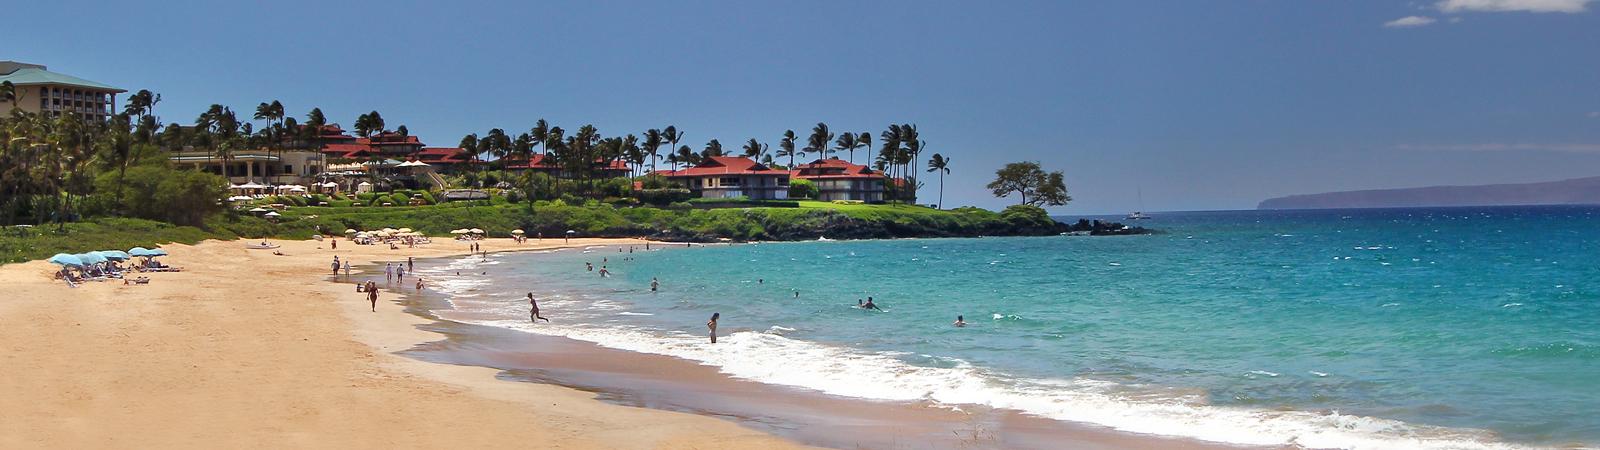 Award winning Wailea Beach, Maui